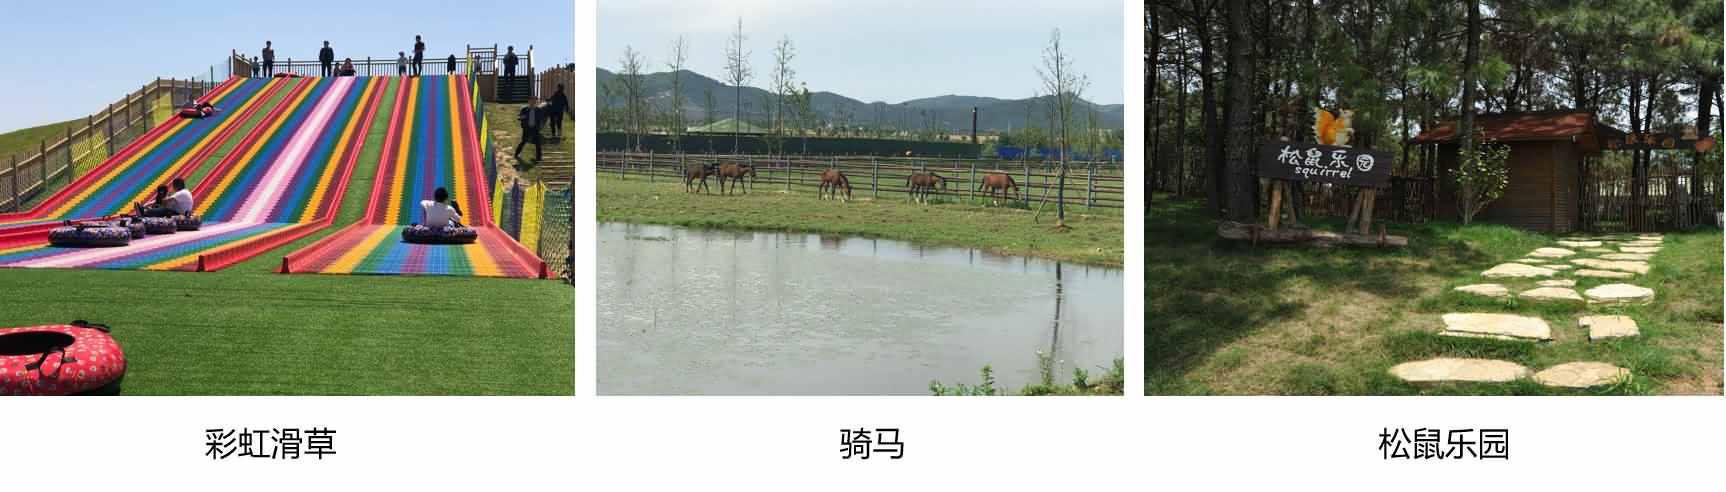 七仙大福村游玩项目